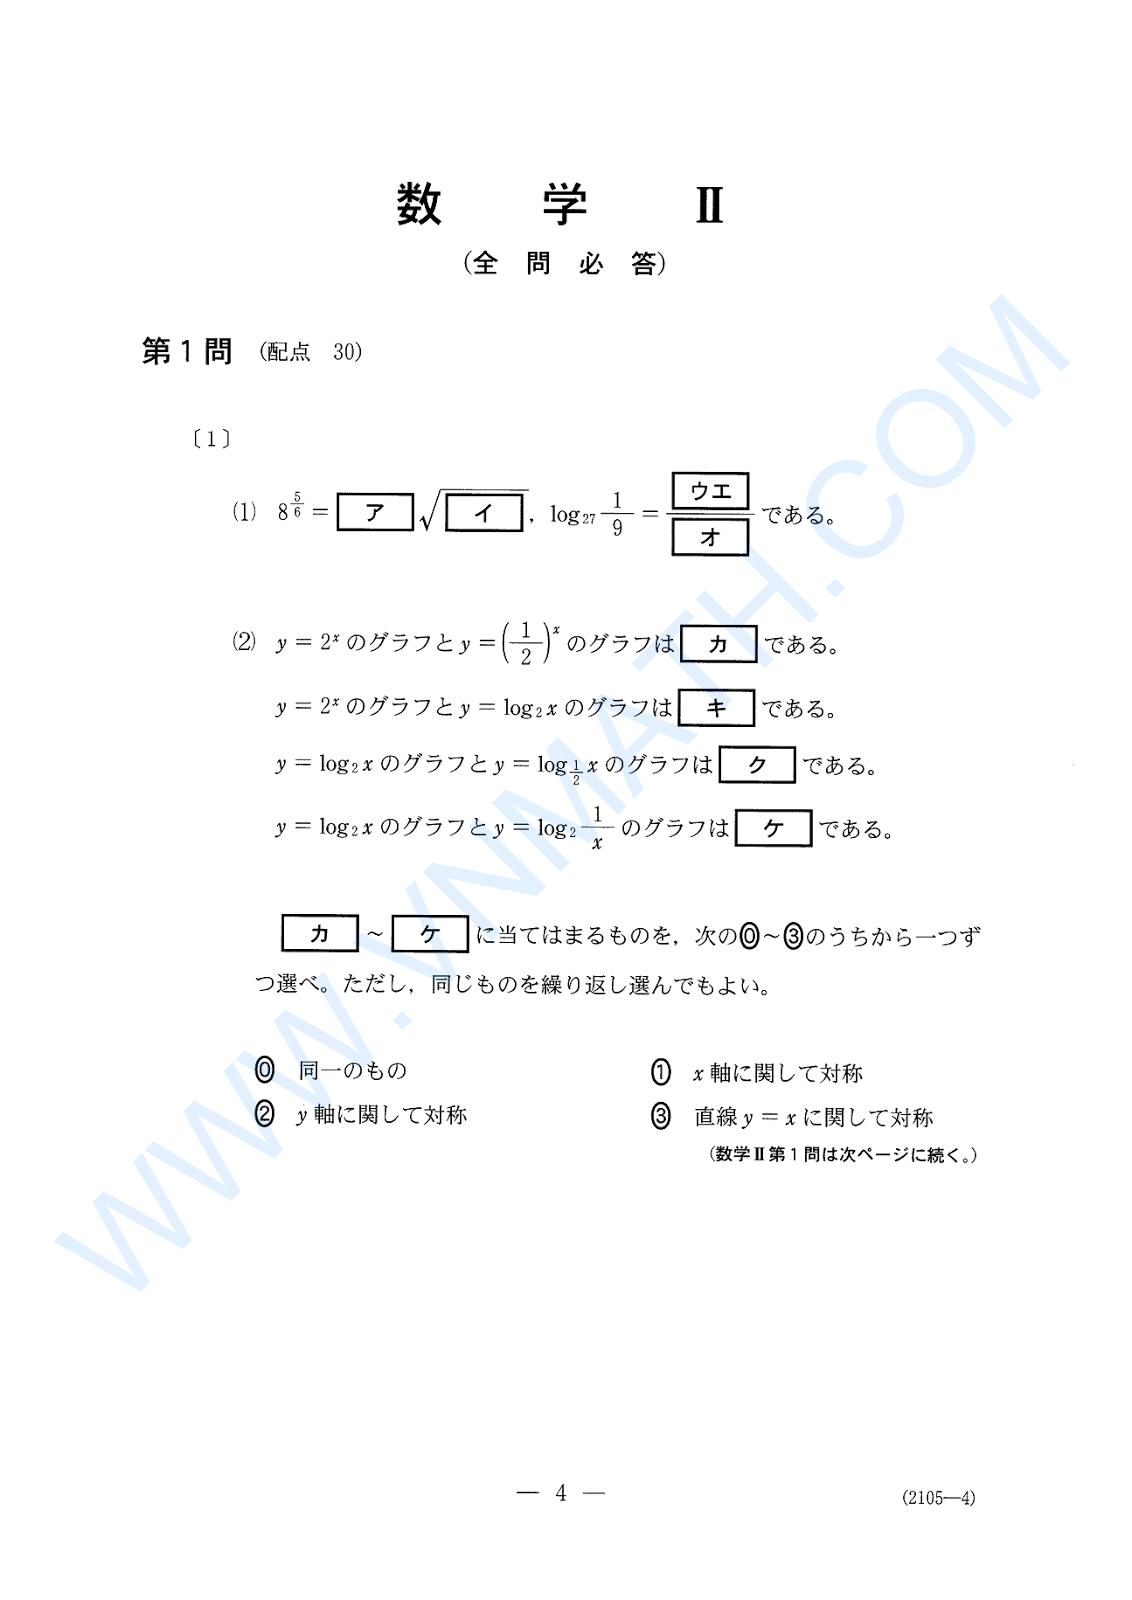 Đề thi Senta tuyển sinh đại học môn Toán ở Nhật Bản